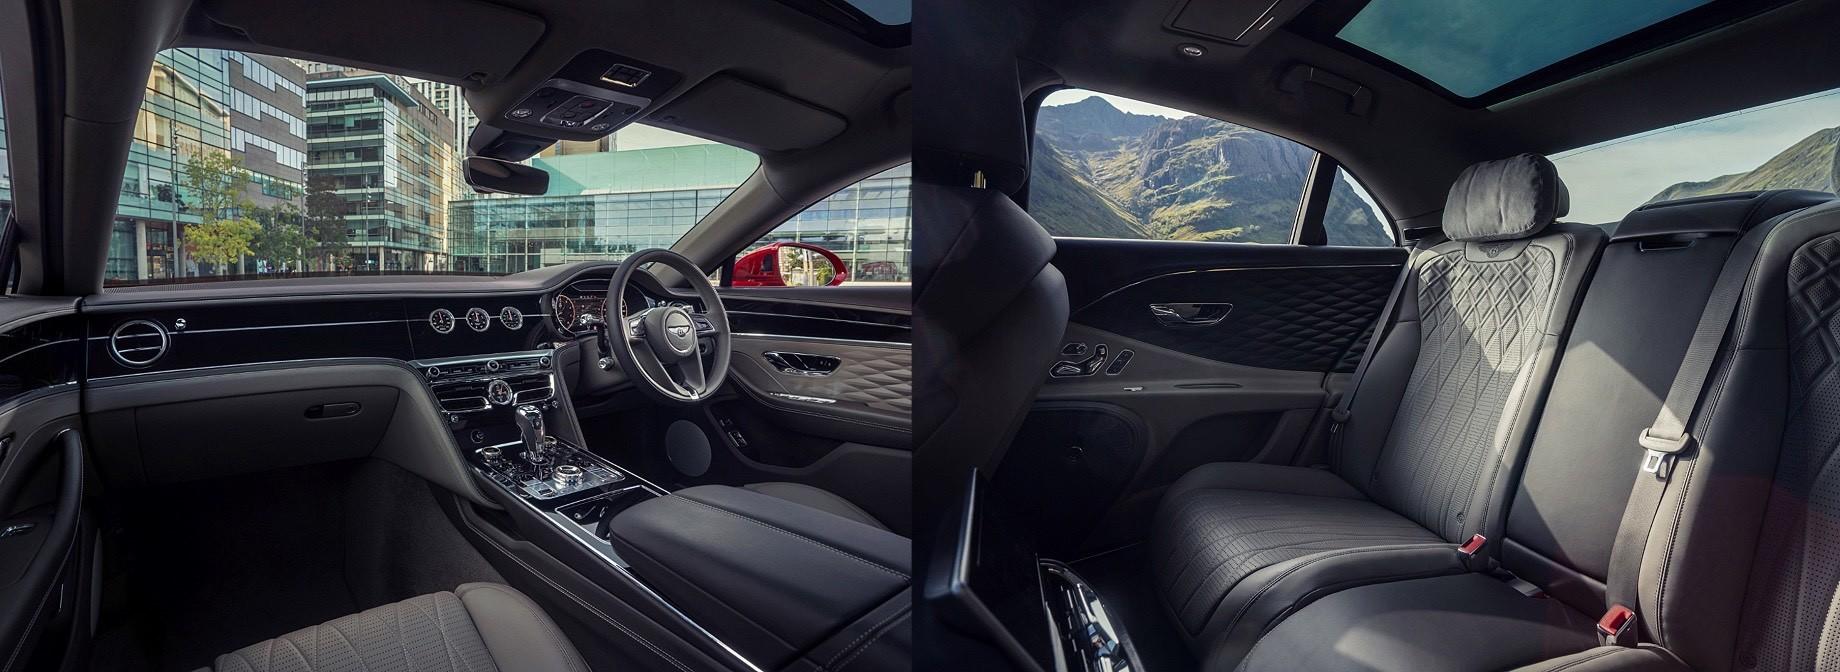 Седан Bentley Flying Spur V8 настроился наводителя